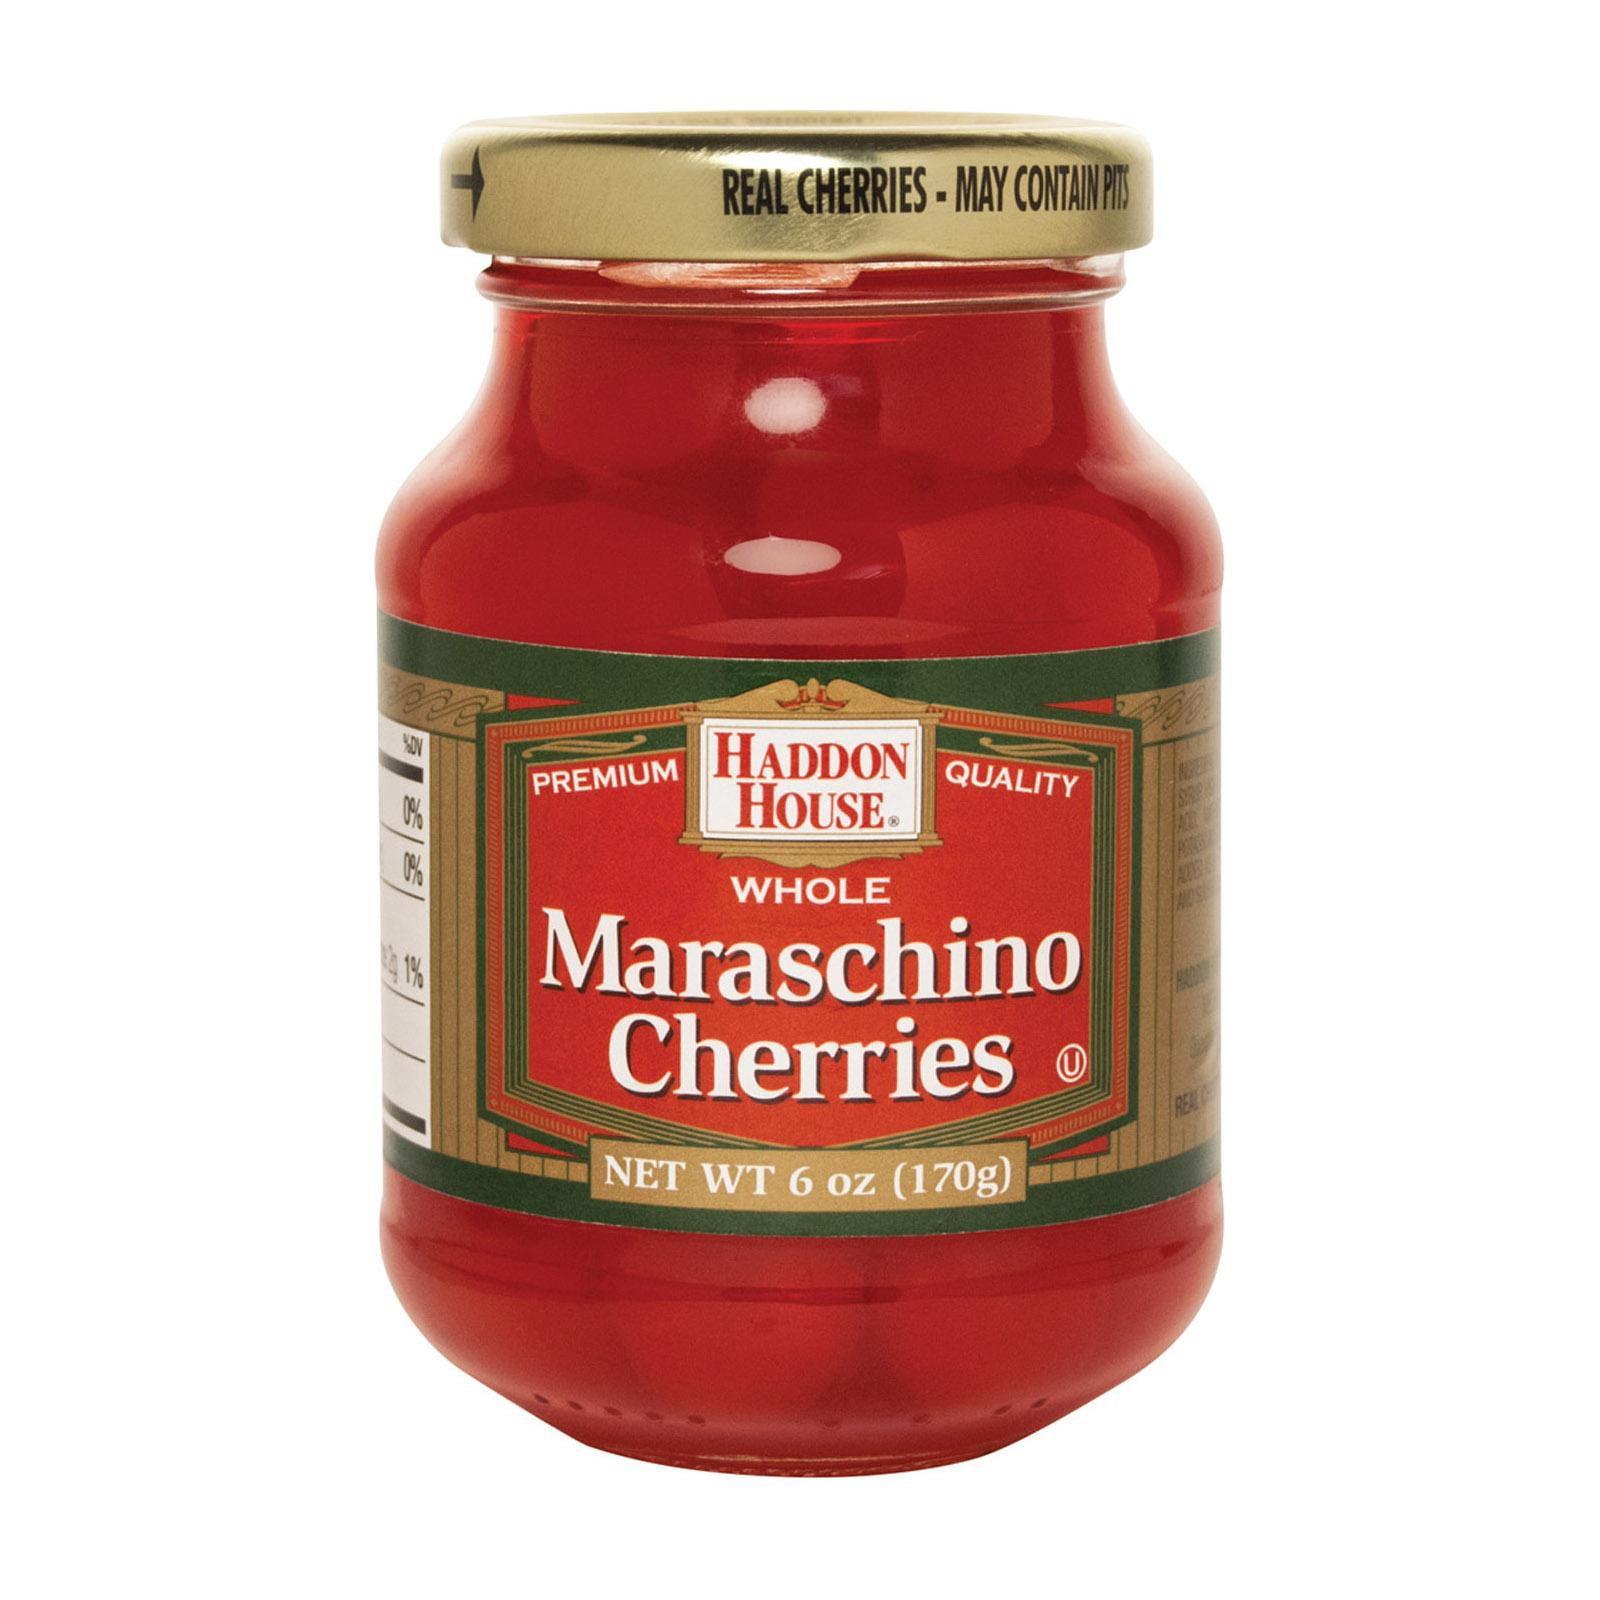 Haddon House Maraschino Cherries pack of 12 6 Oz by